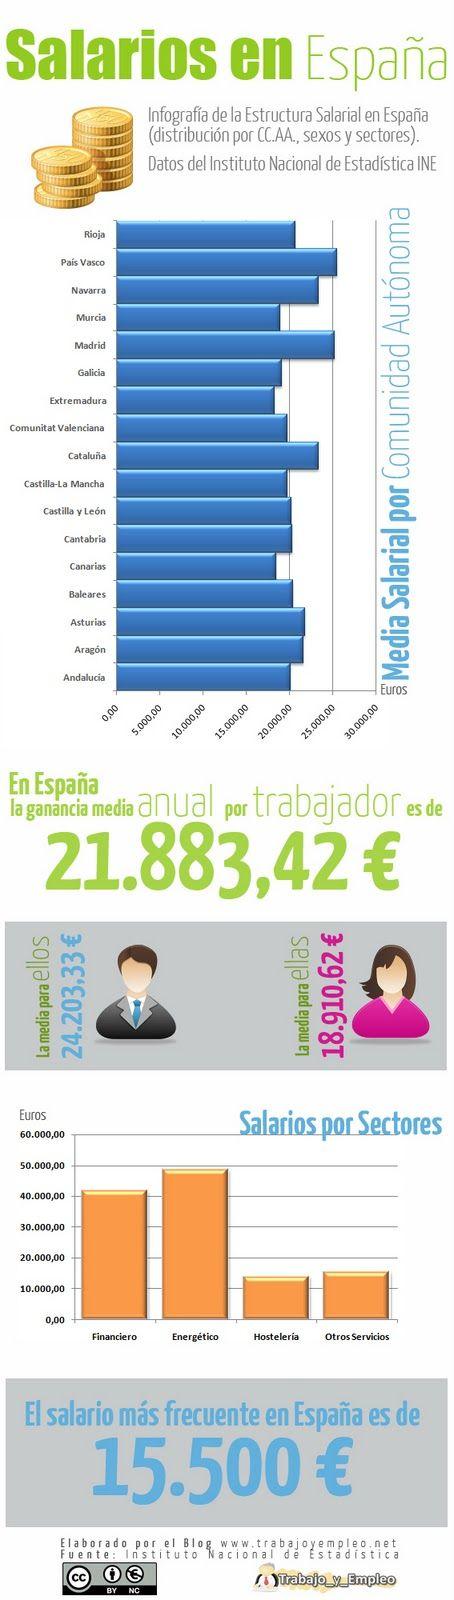 Los salarios en España. Donde te gustaria vivir??